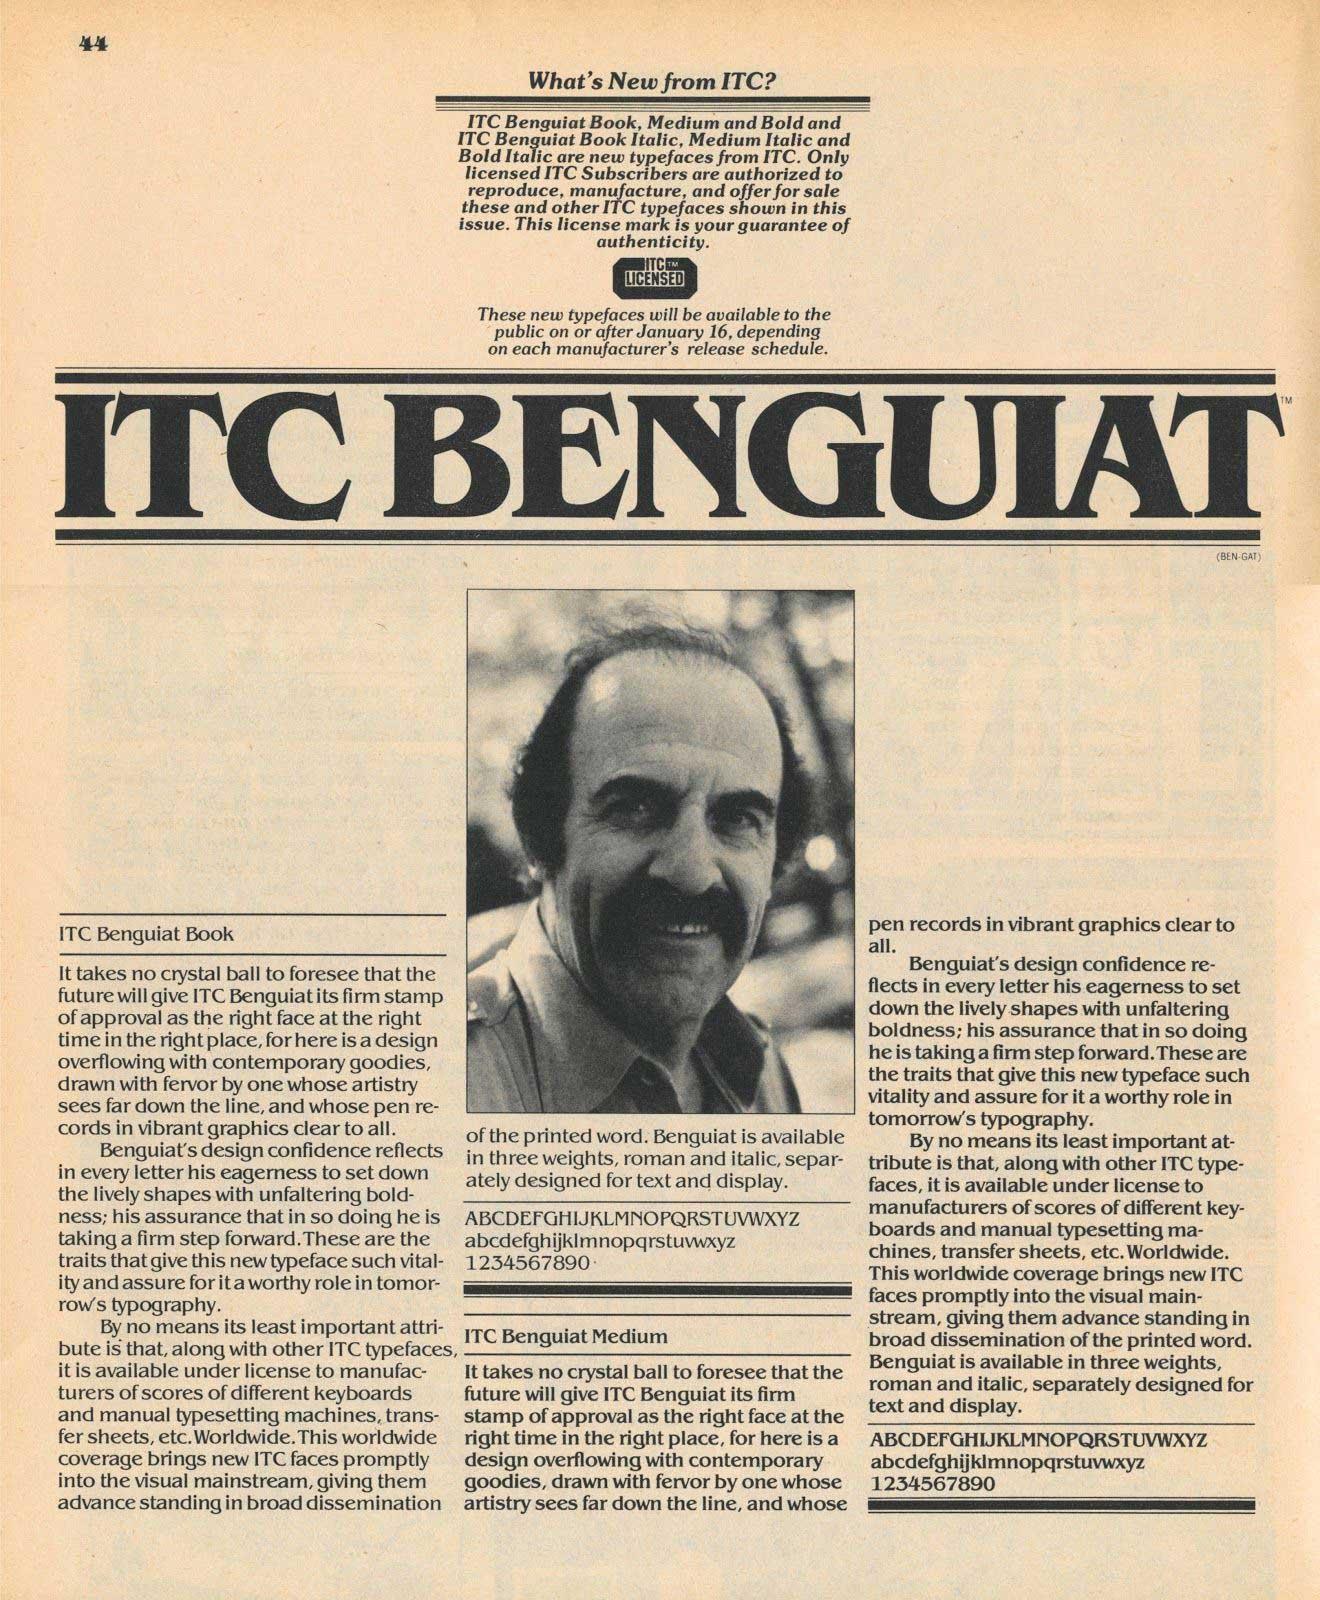 Benguiat release announcement in U&lc magazine